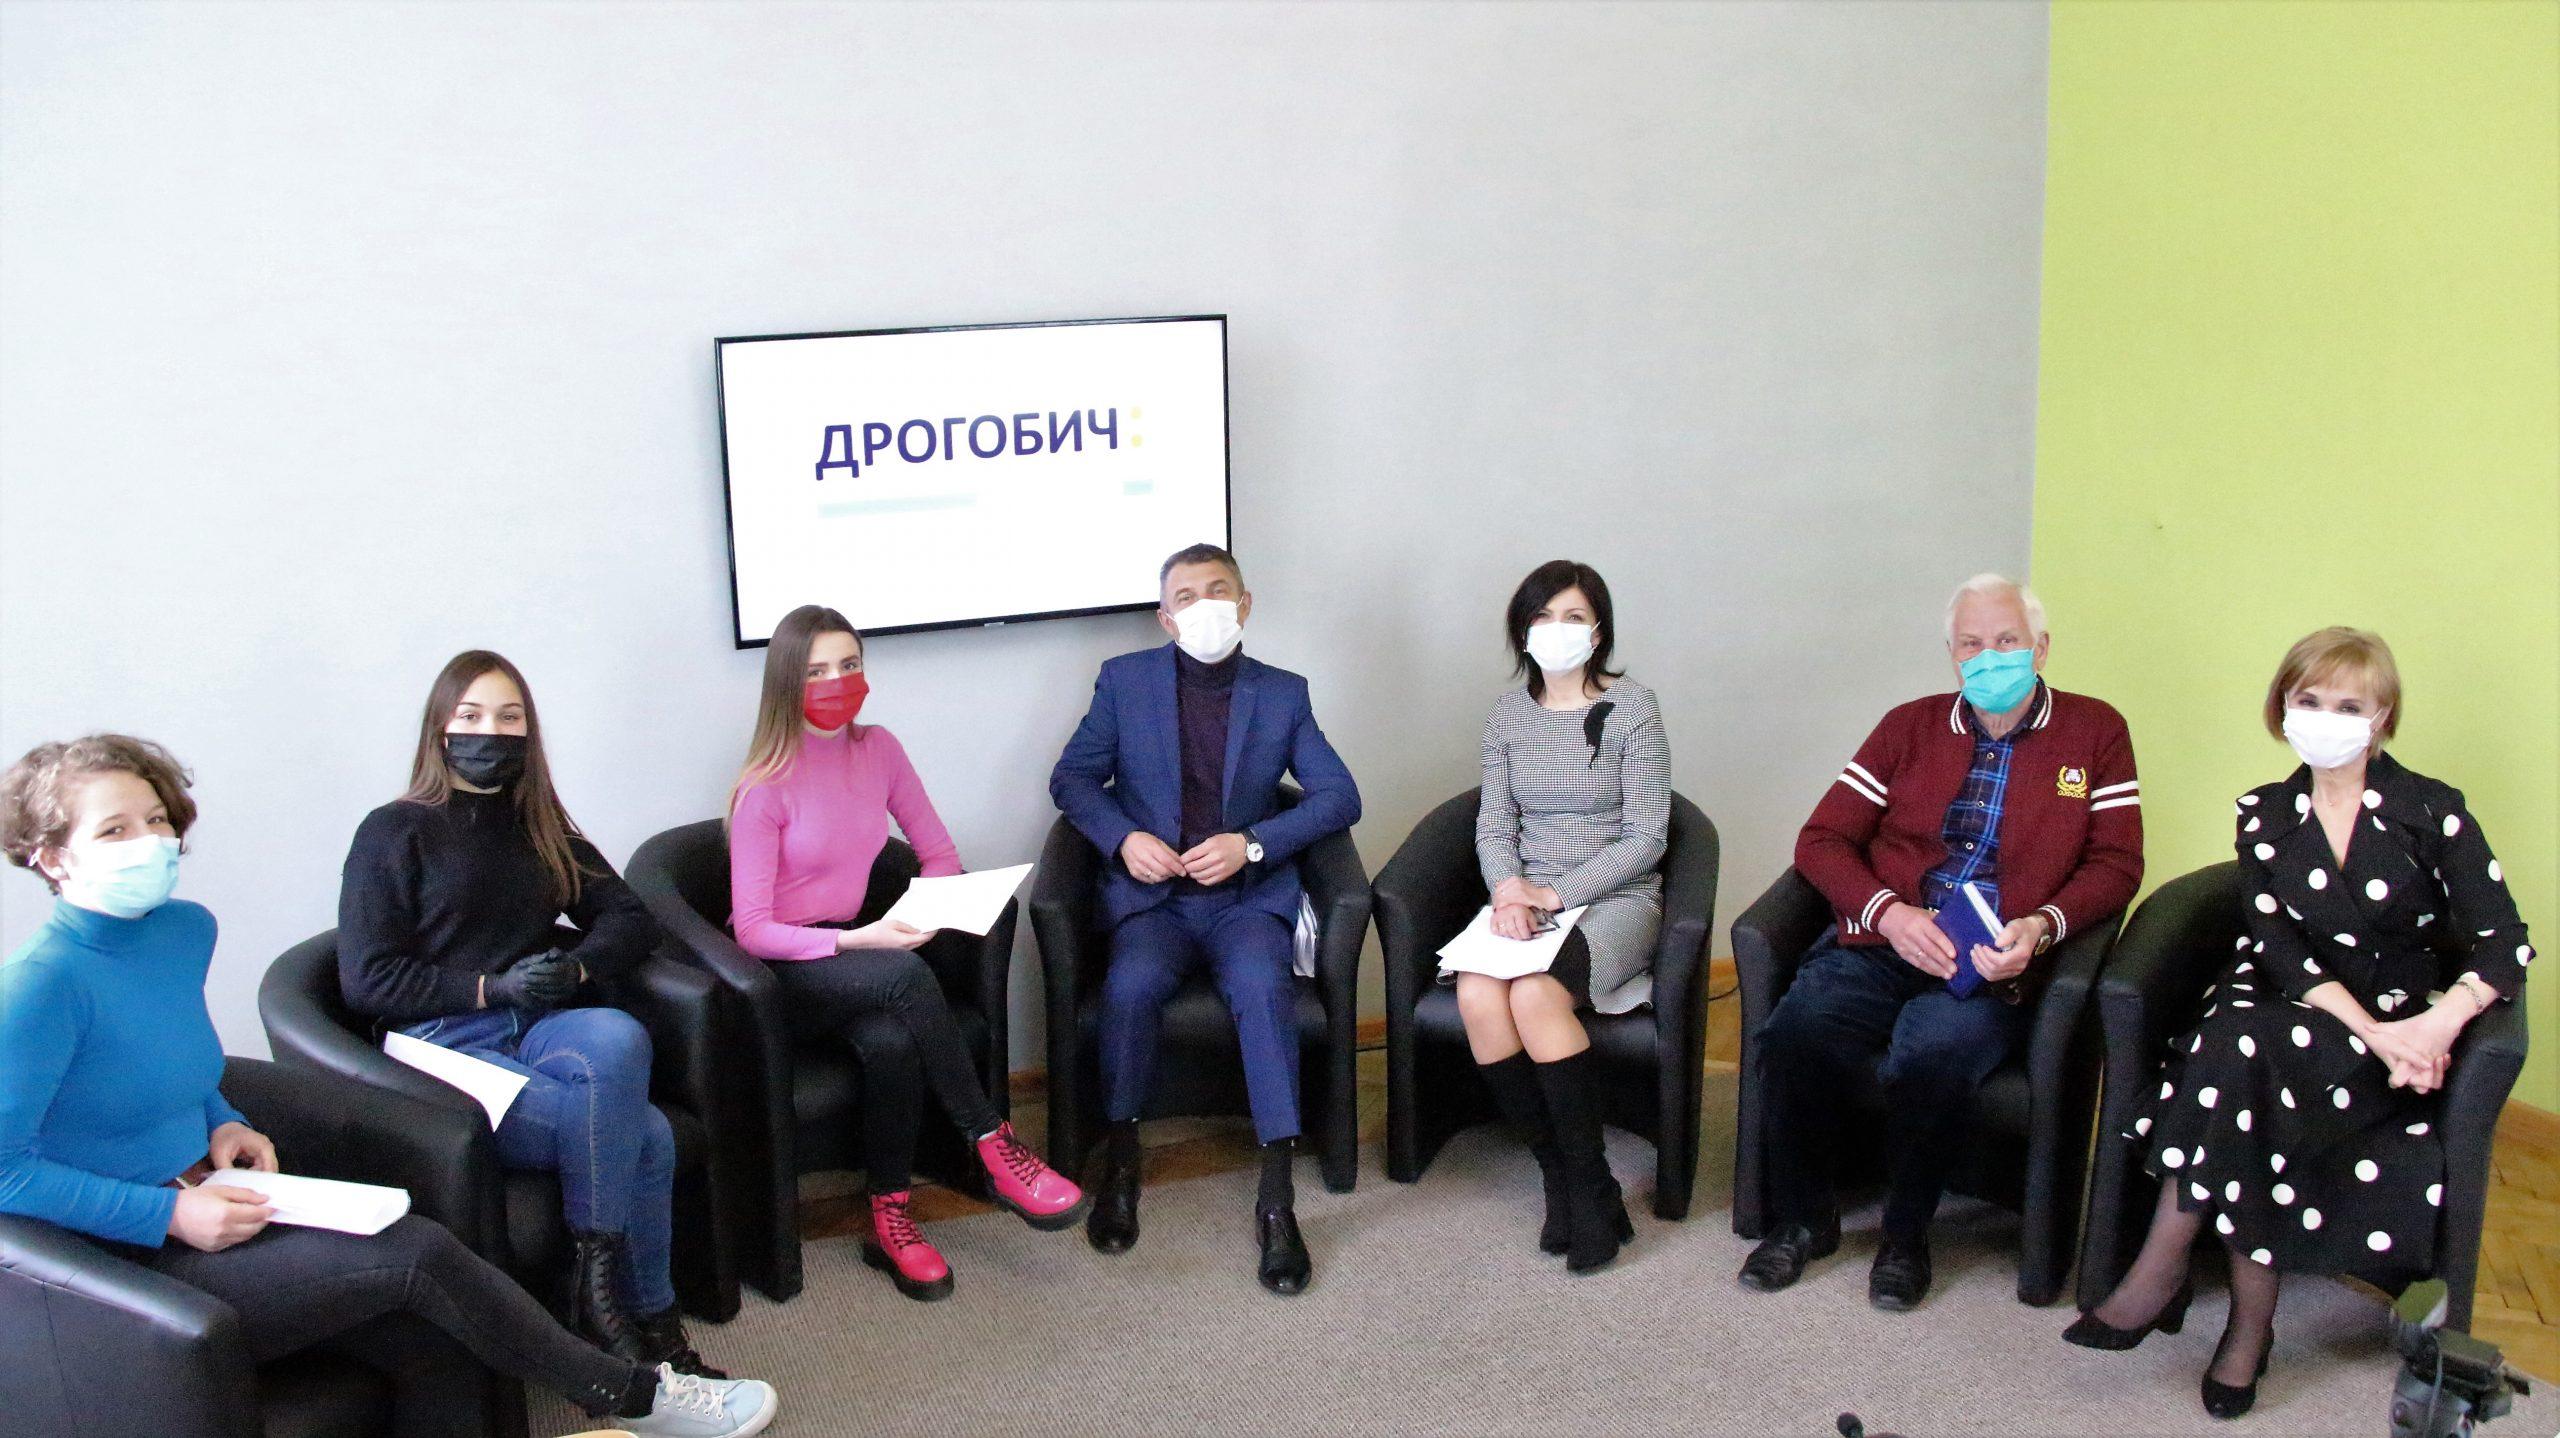 КМЦ «Дрогобич:»: Діти та освітяни про освіту онлайн та завершення навчального року